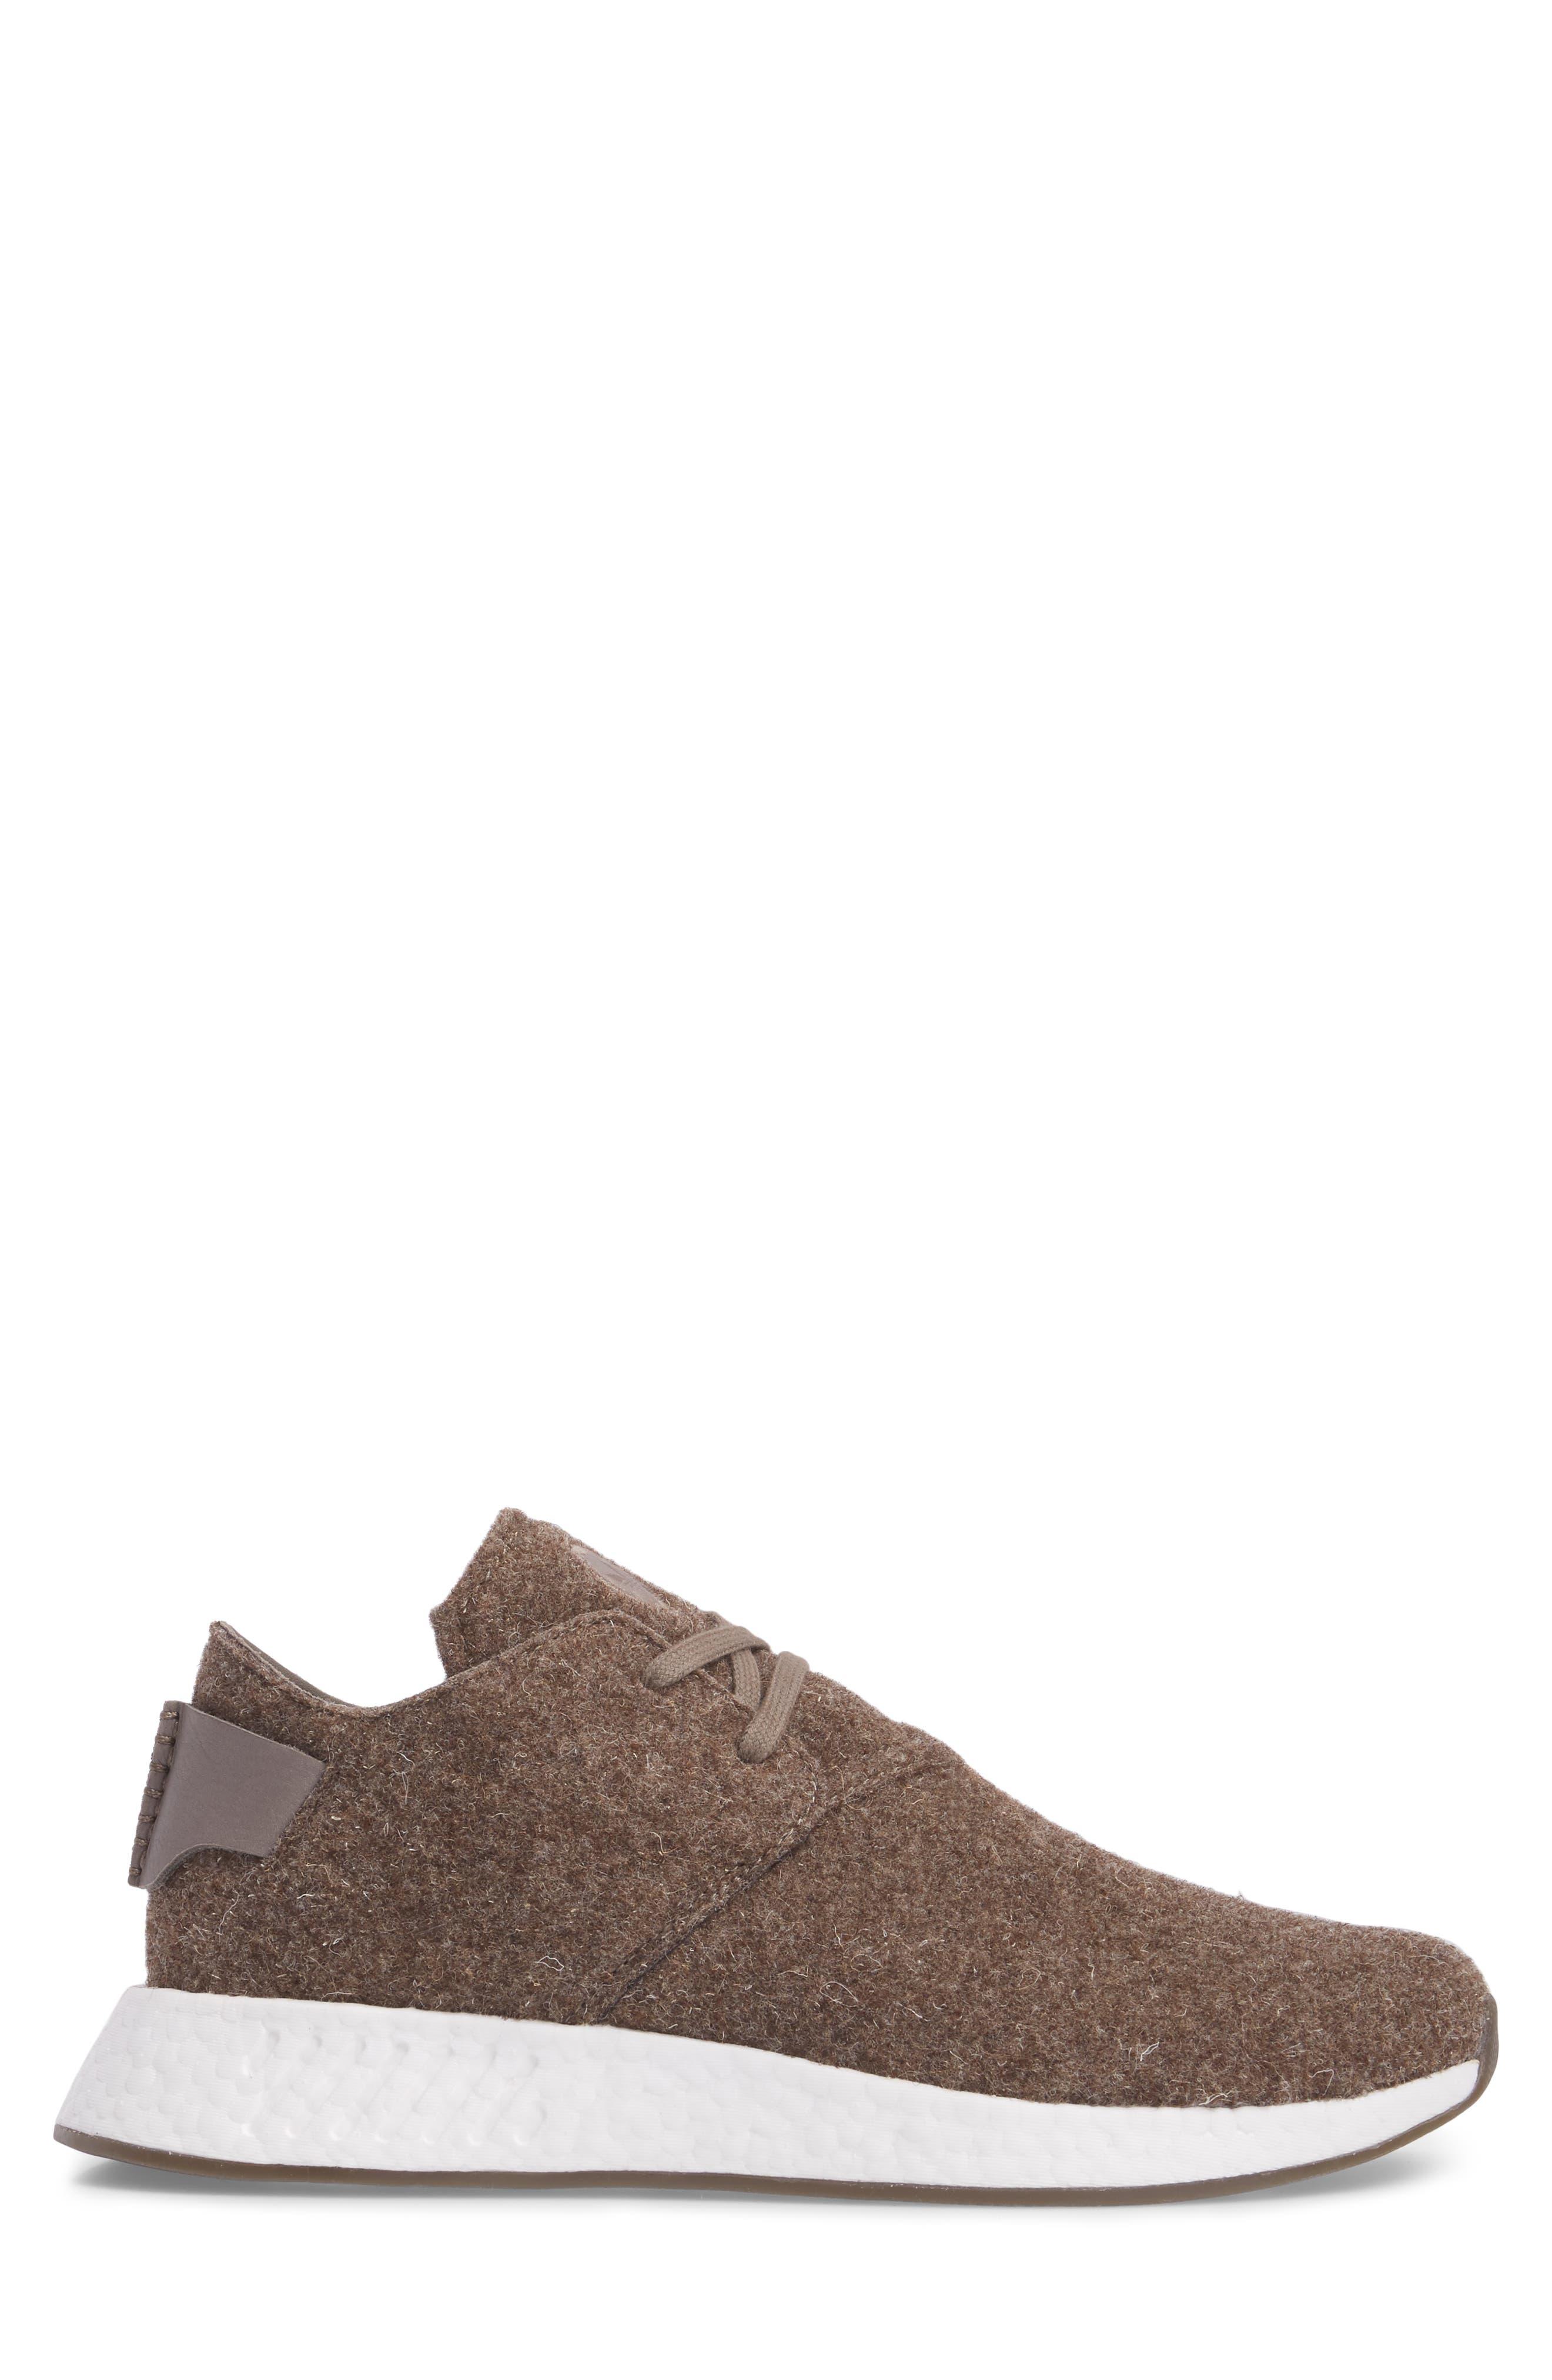 NMD C2 Sneaker (Men0,                             Alternate thumbnail 3, color,                             Simple Brown/ Gum